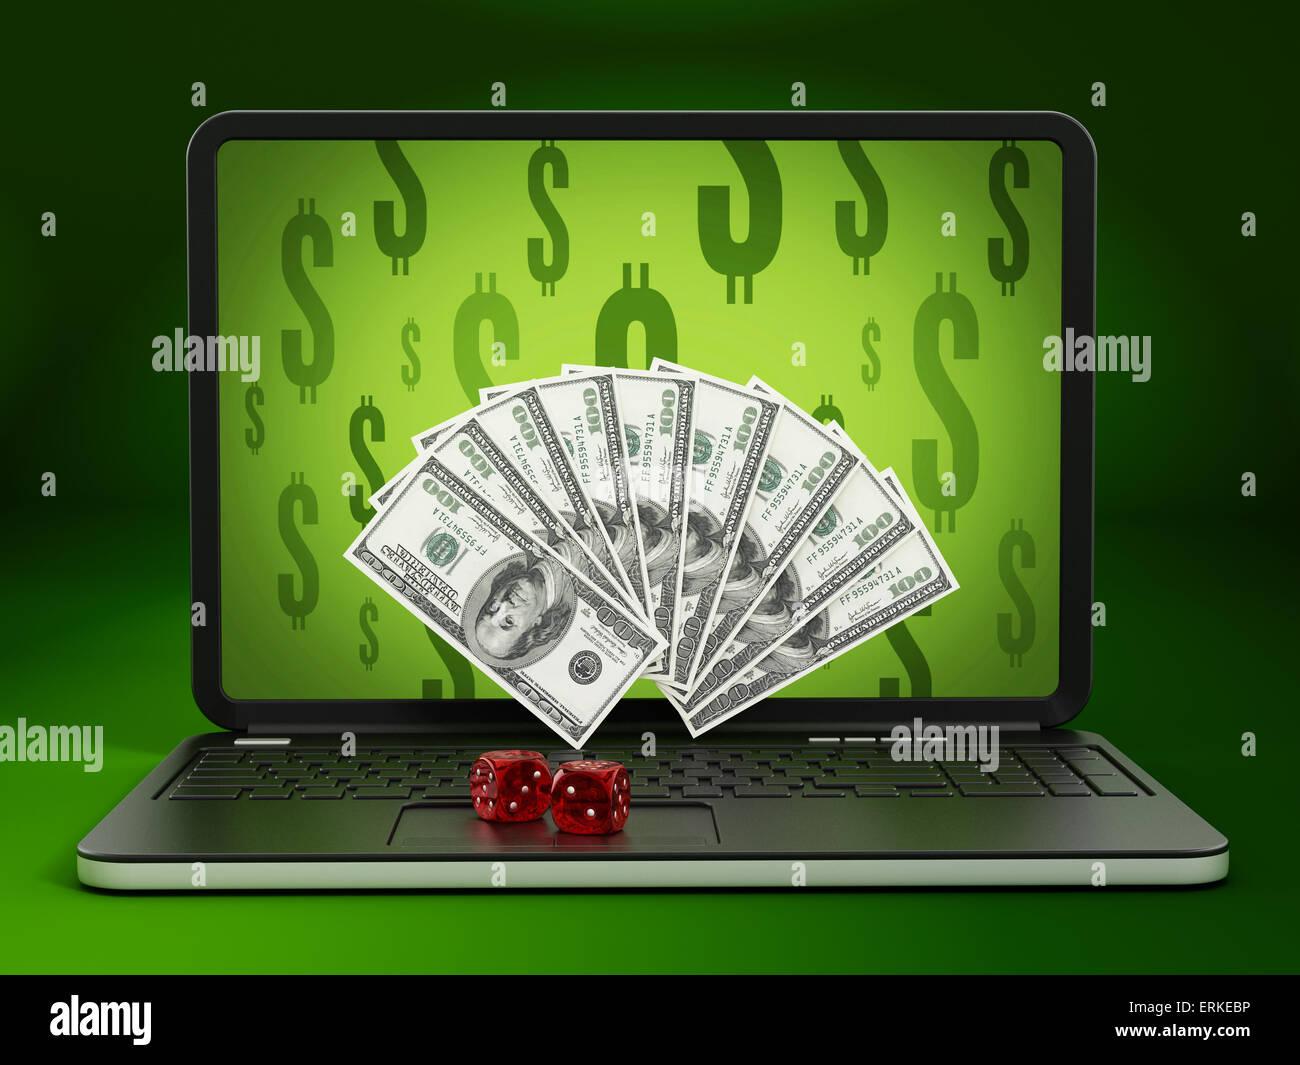 Concepto de apuestas en Internet con el dinero que sale de la pantalla. Imagen De Stock